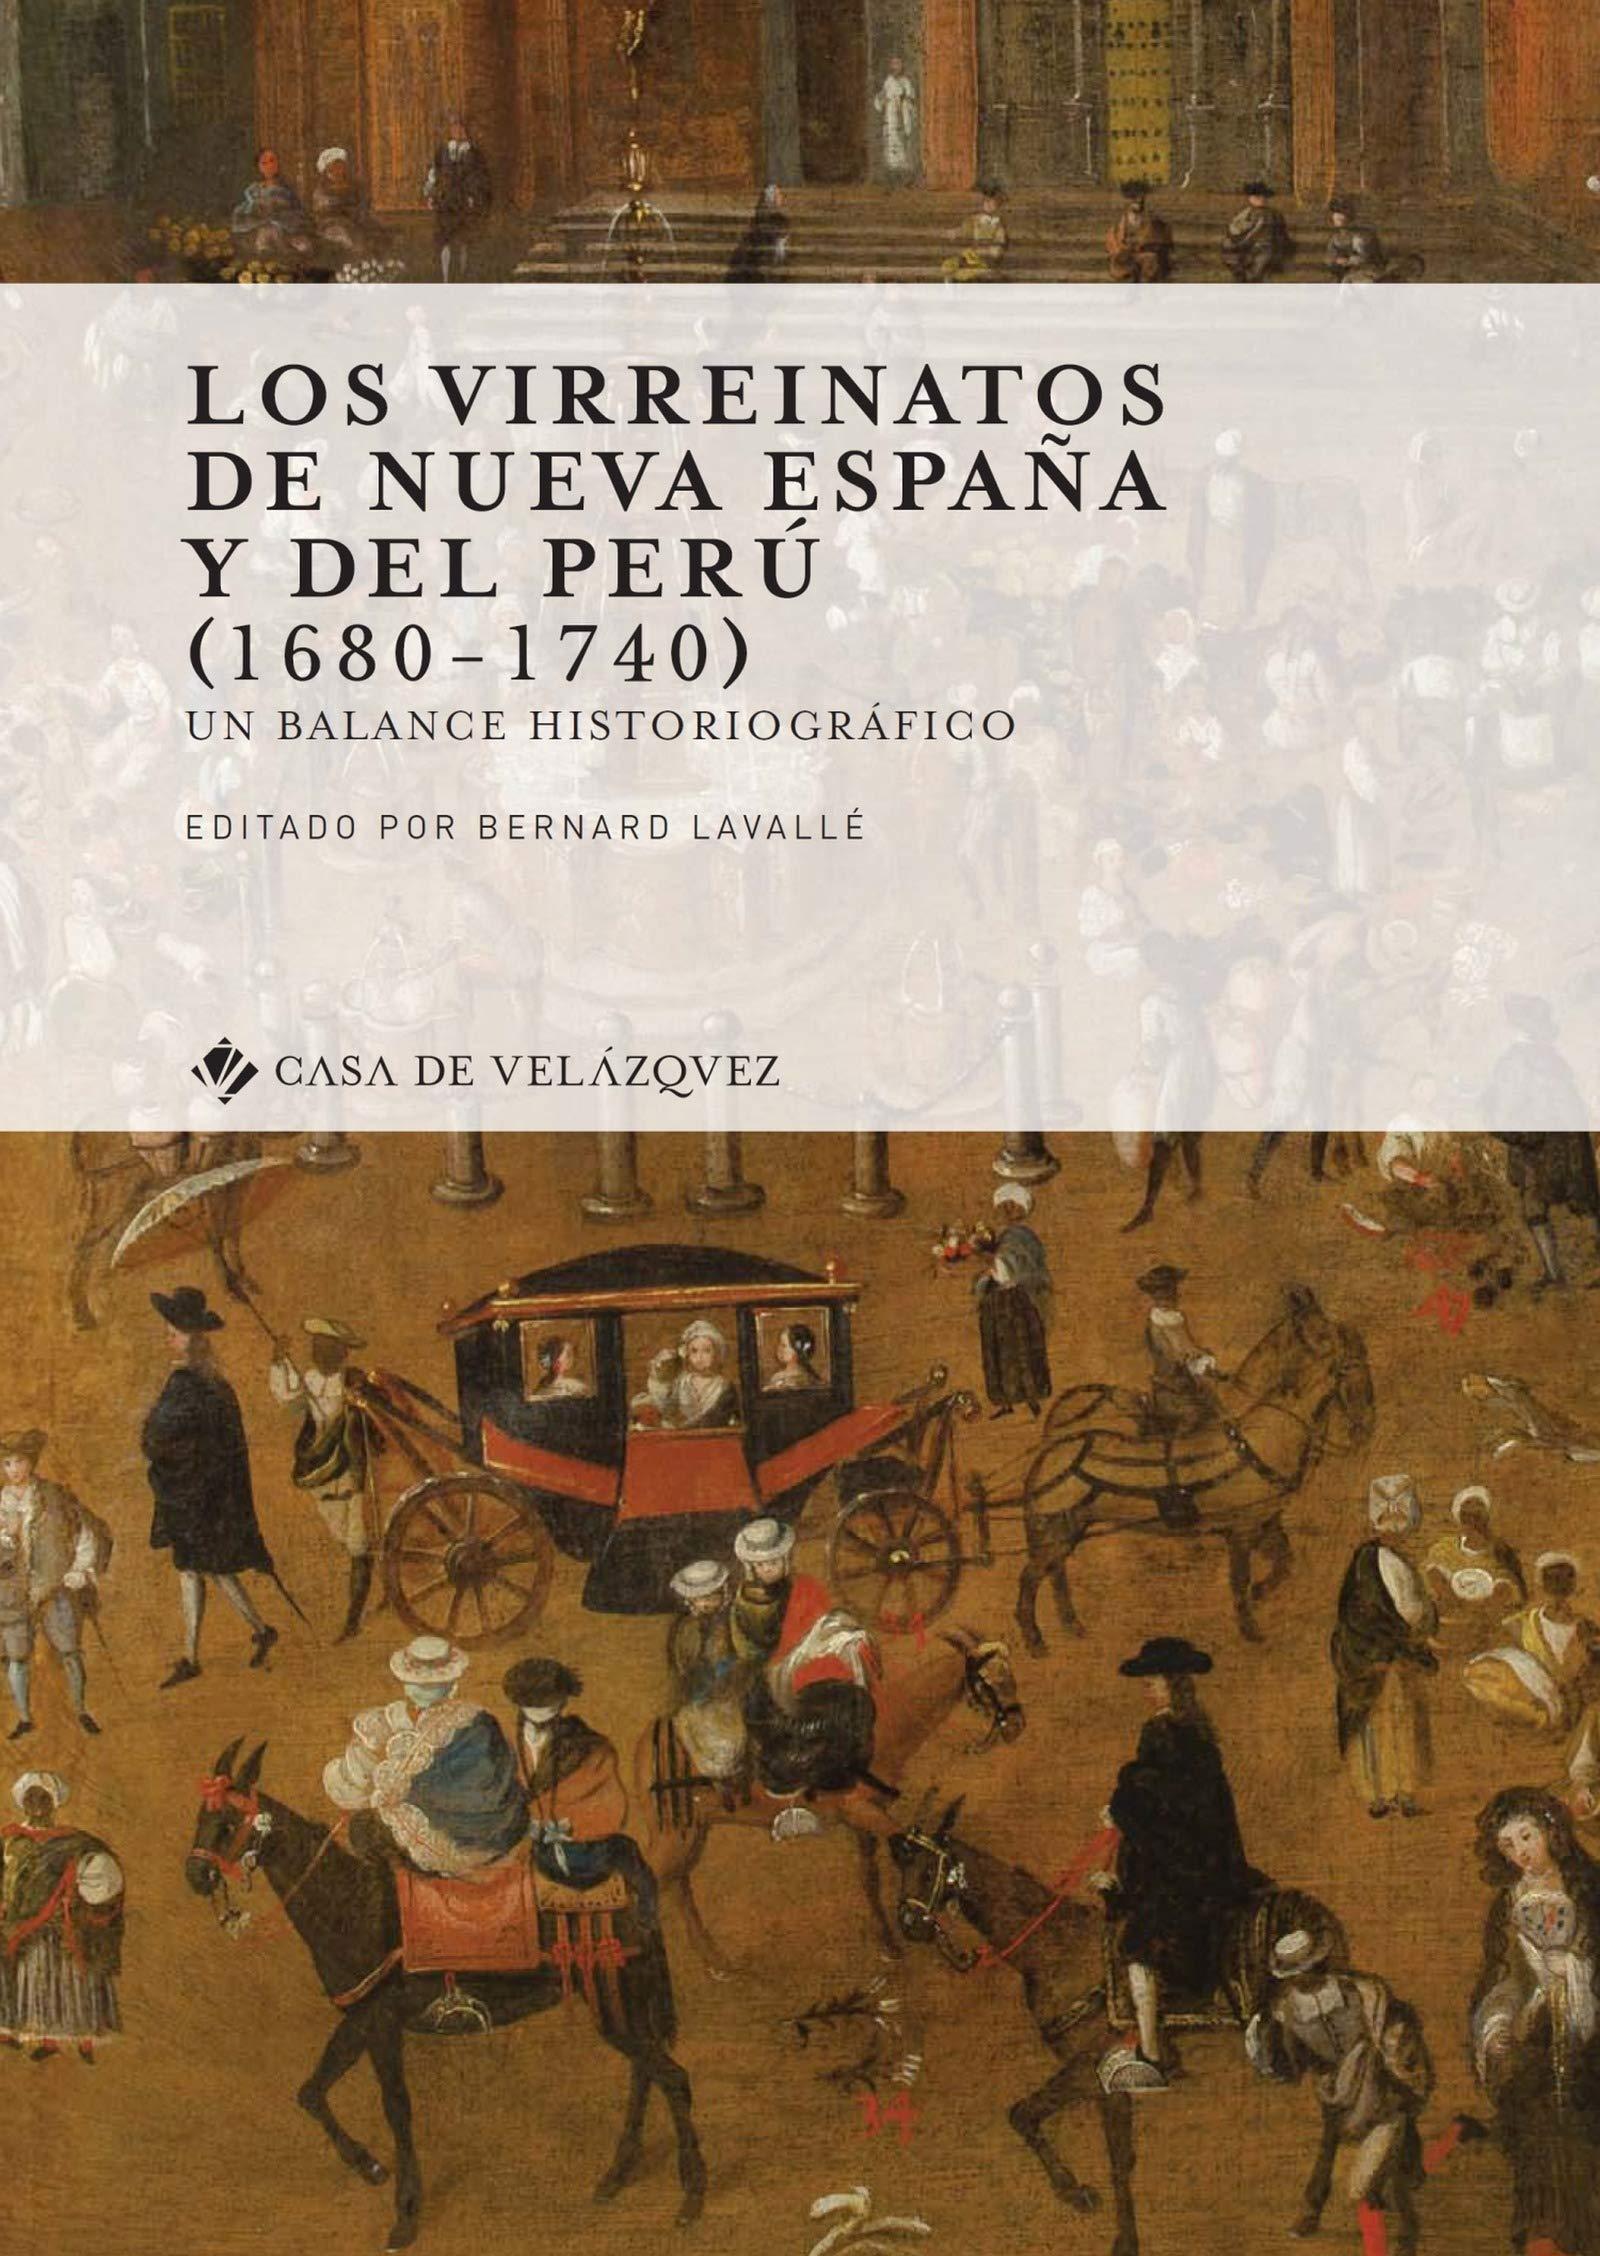 Los virreinatos de Nueva España y del Perú (1680-1740): Un balance historiográfico (Collection de la Casa de Velázquez nº 172) por Bernard Lavallé